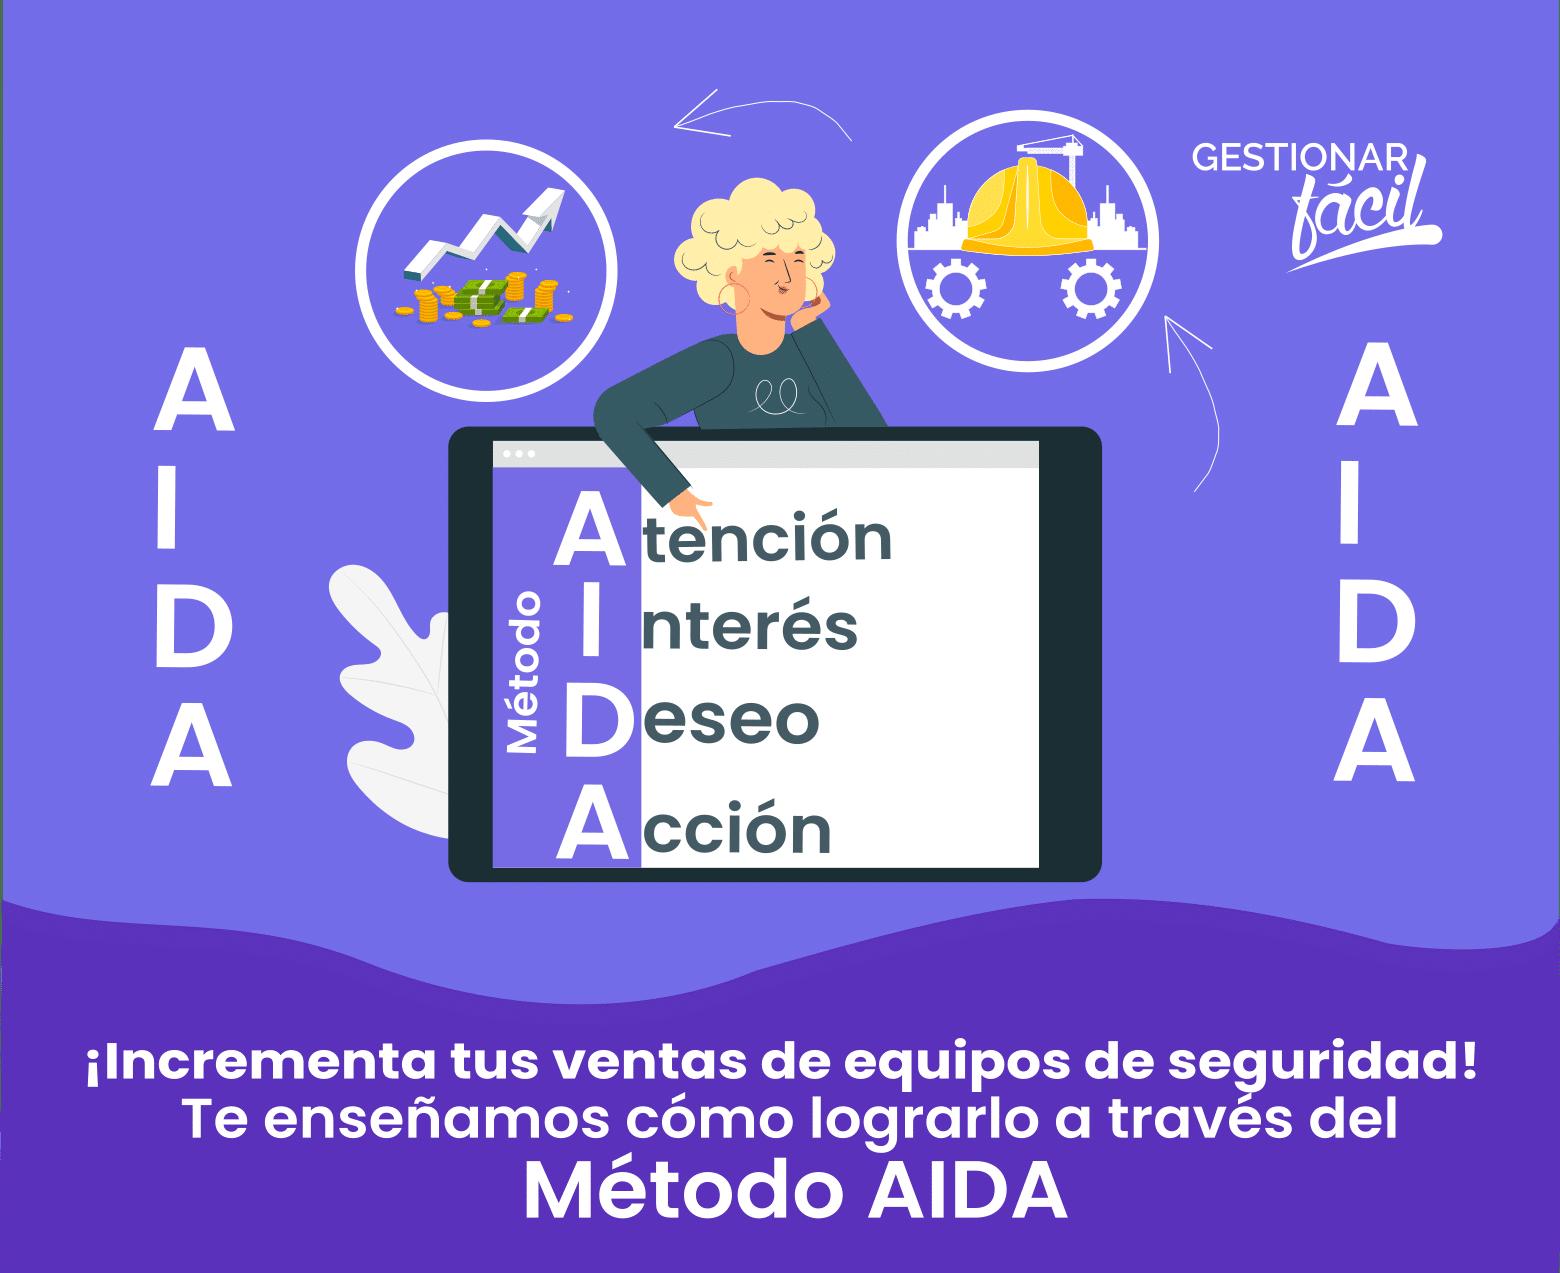 Cómo aplicar el método AIDA para vender equipos de seguridad